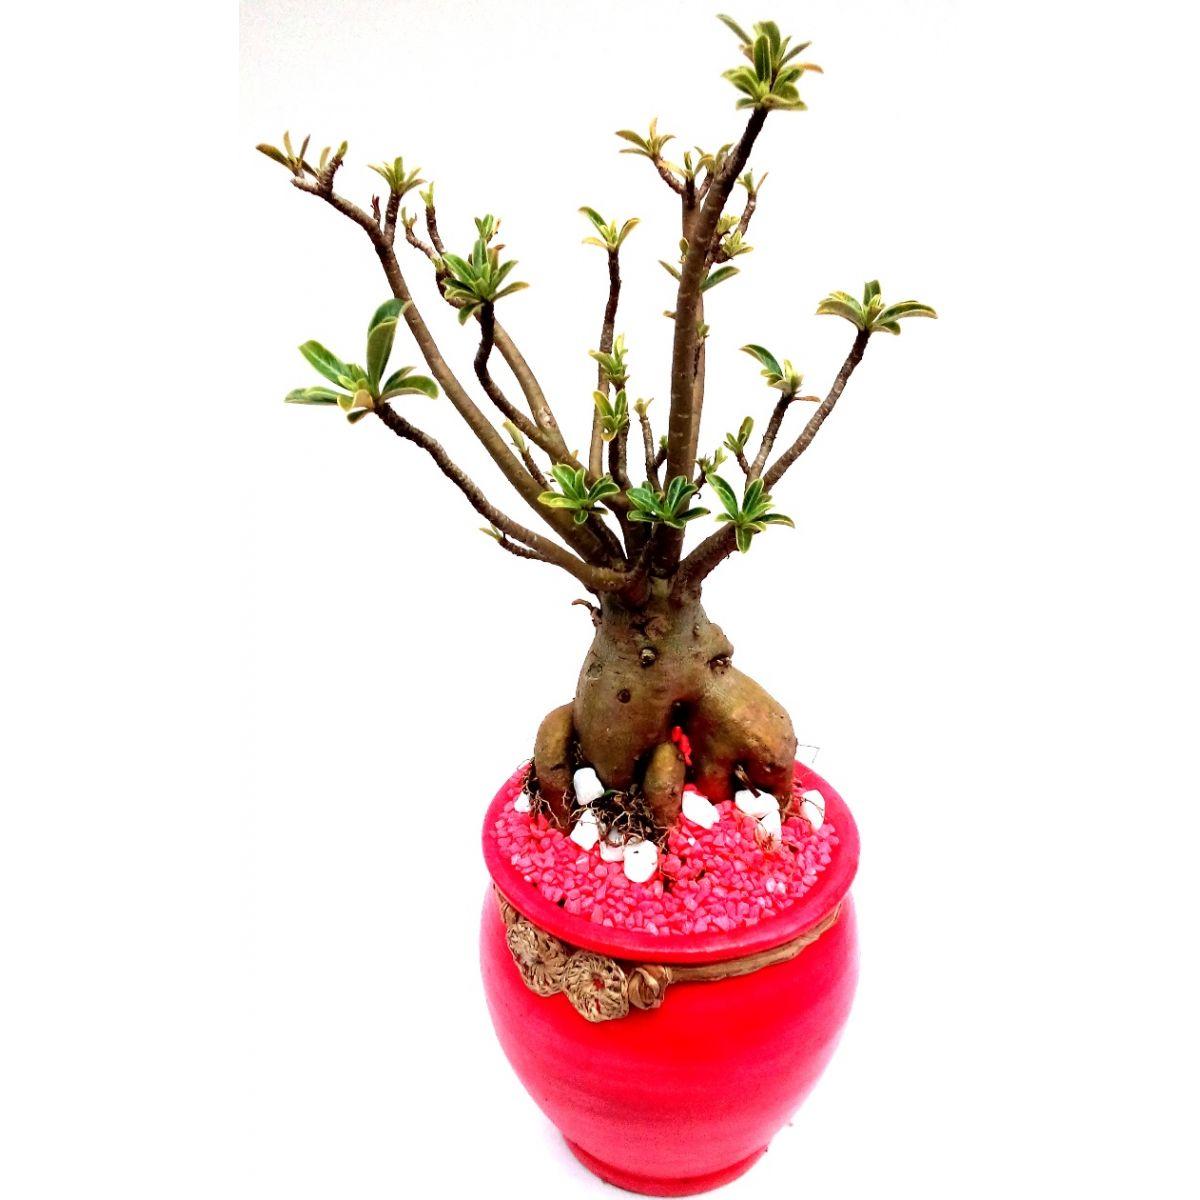 Rosa do Deserto plantada em vaso decorativo rosa com pedrinhas decorativas rosa